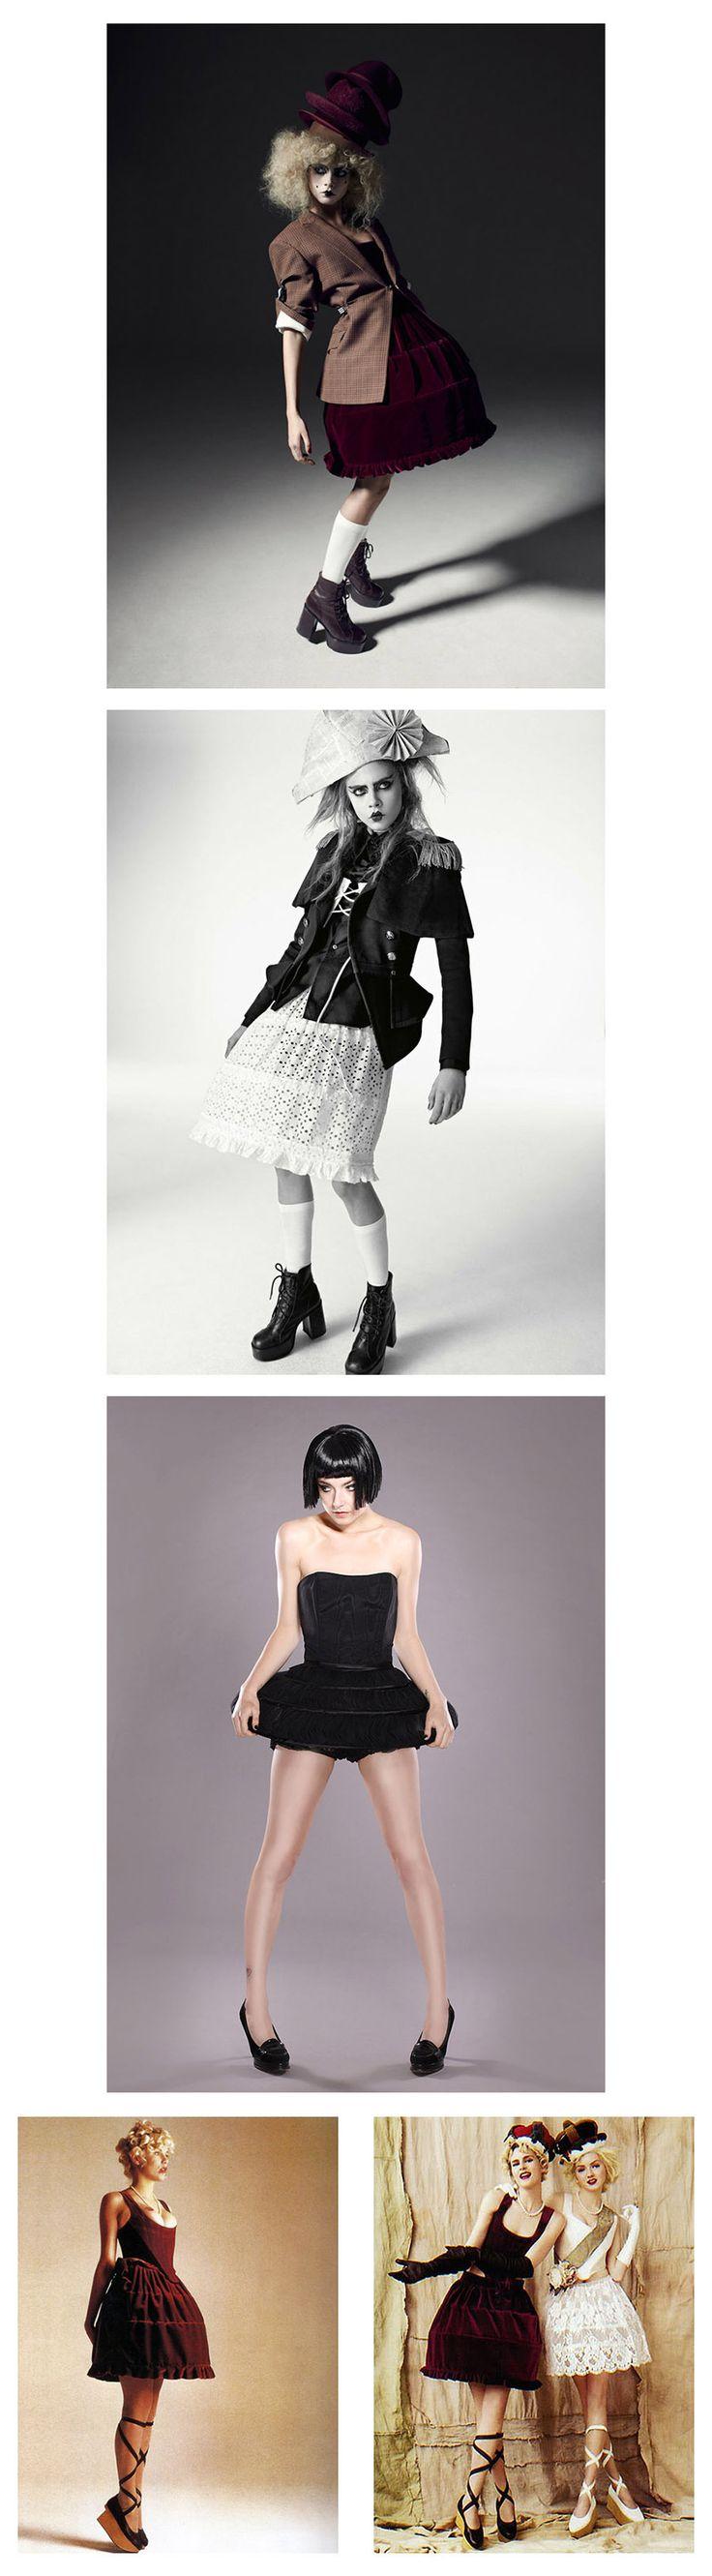 [비비안 웨스트우드 미니 크리니 드레스] Vivienne Westwood Mini-Crini Dress - 비비안 웨스트우드 컬렉션 :: Style Boire